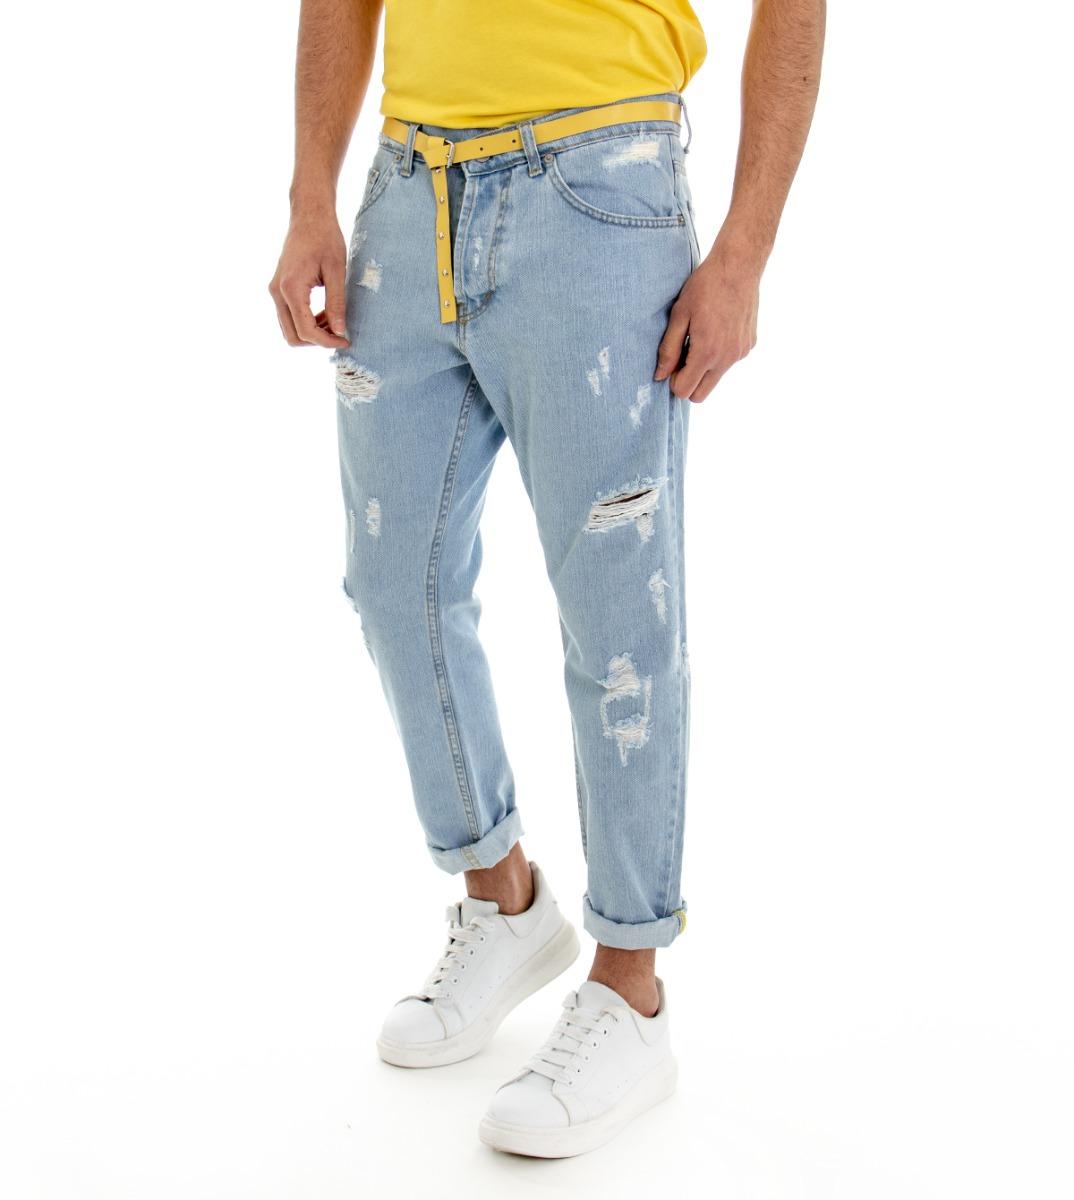 Pantalone-Denim-Chiaro-Uomo-Jeans-Cinque-Tasche-Con-Rotture-MOD-Cotone-GIOSAL miniatura 5